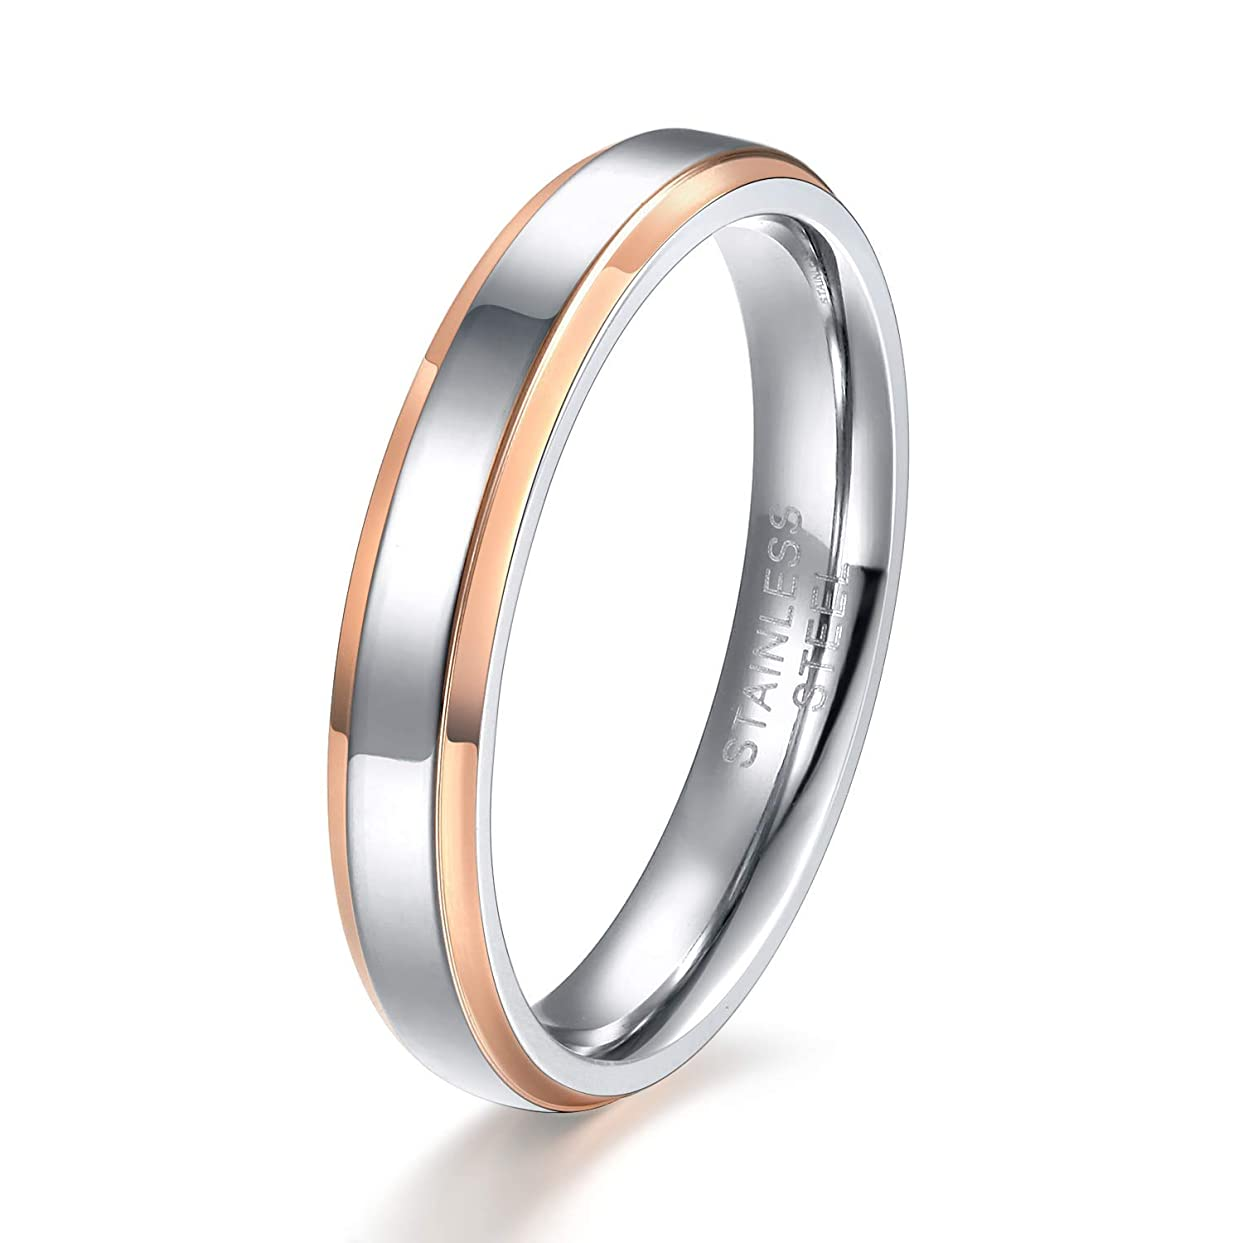 女の子不公平最近TICENTRAL ステンレス ピンキーリング メンズ ペア 指輪レディース 幅4mm シンプル 鏡面加工 細身 平打ち(ピンクゴールド,9)